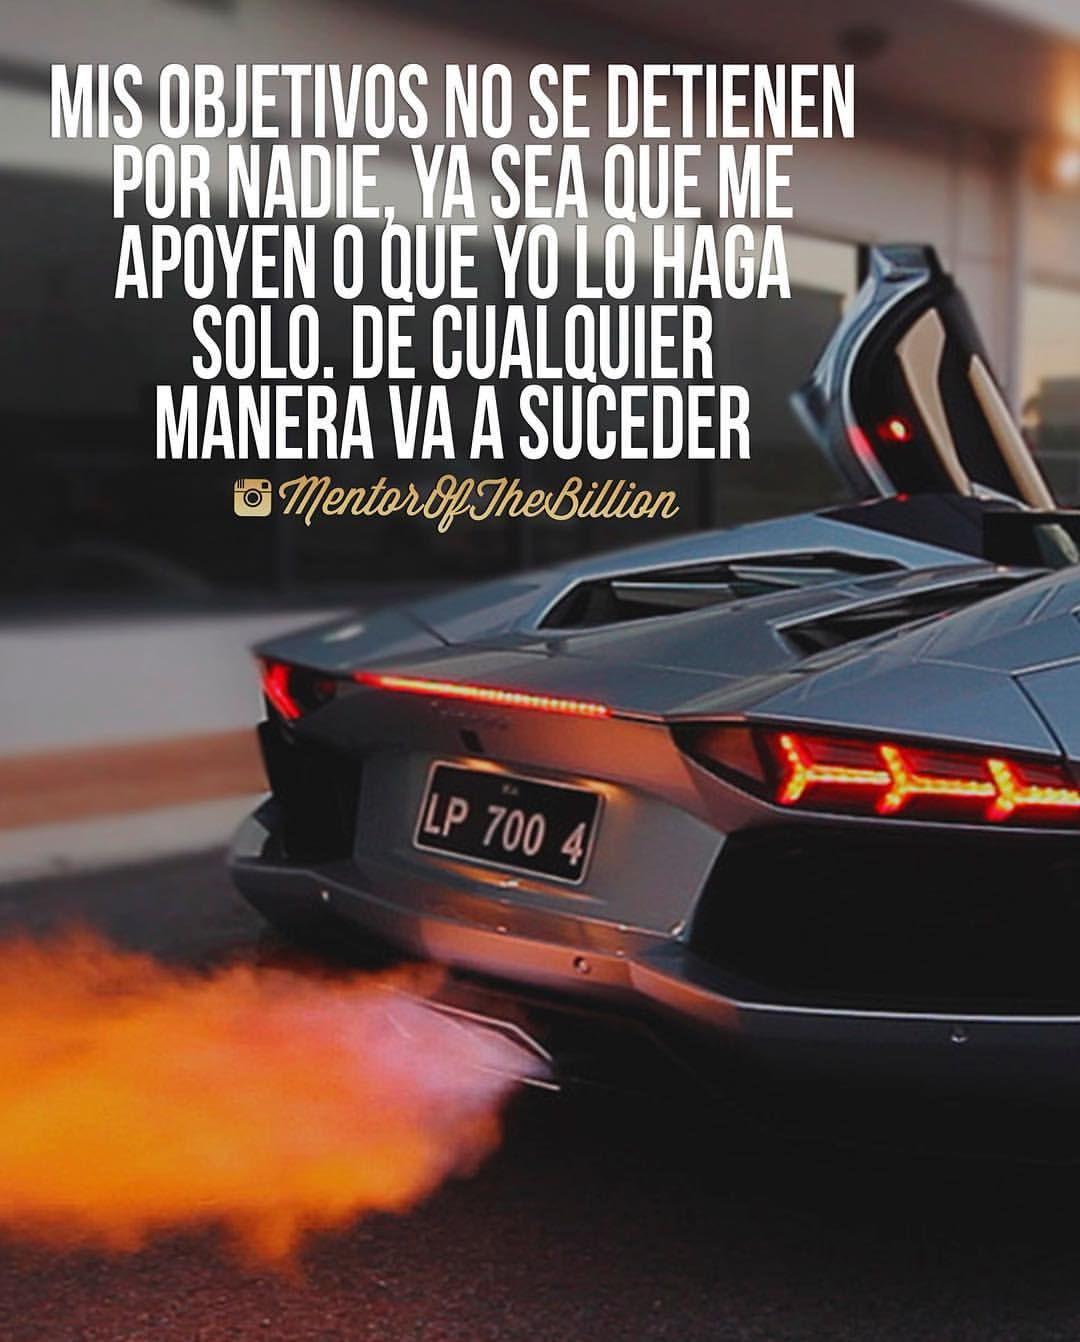 Soy Fuego Mentorofthebillion Frases Motivacion Inspiracion